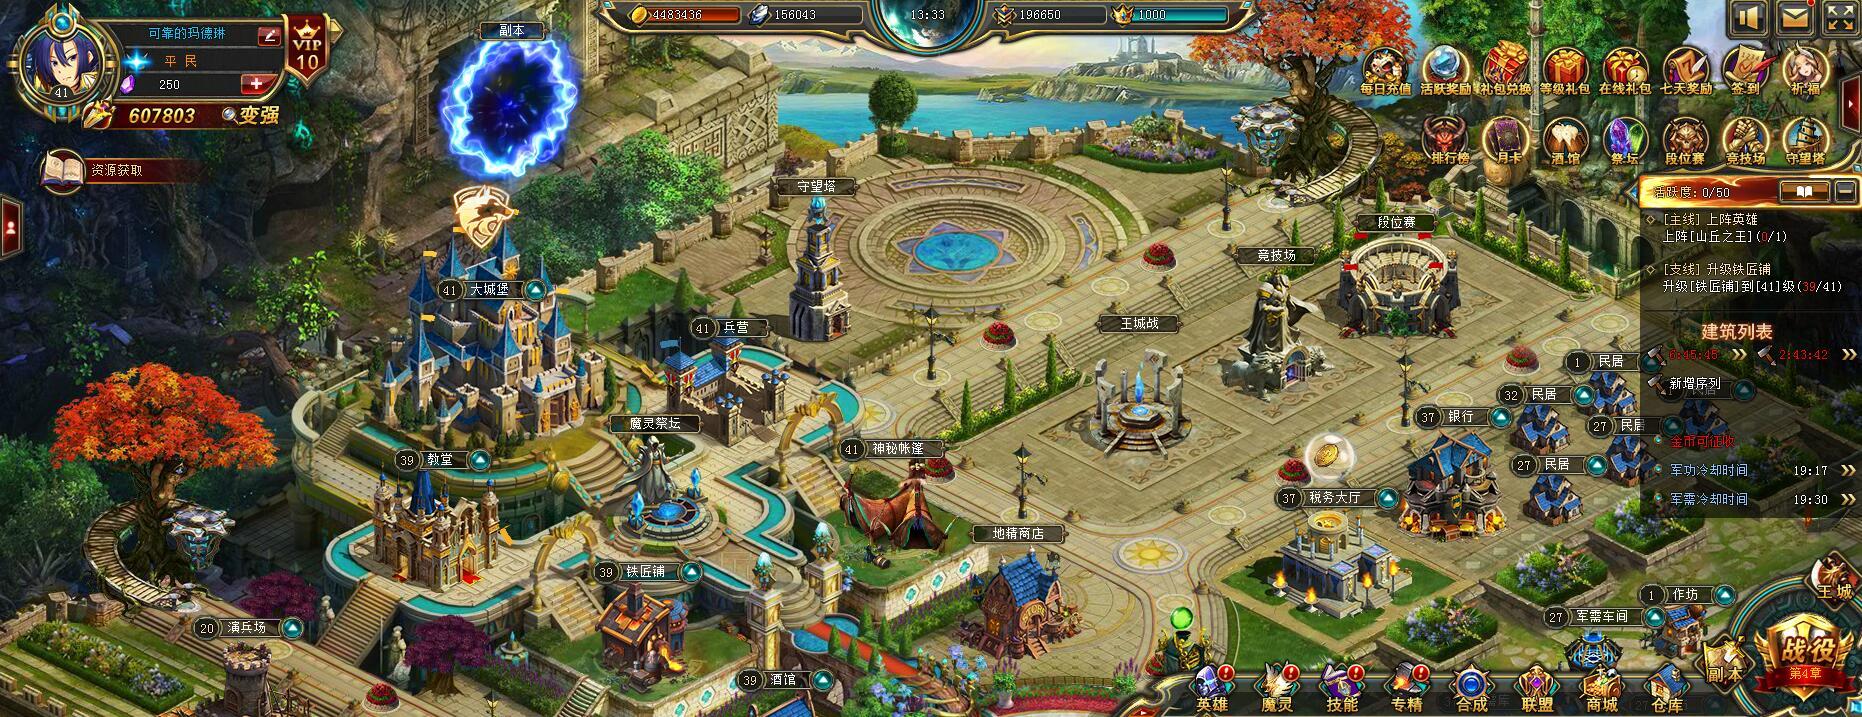 《圣堂》游戏截图